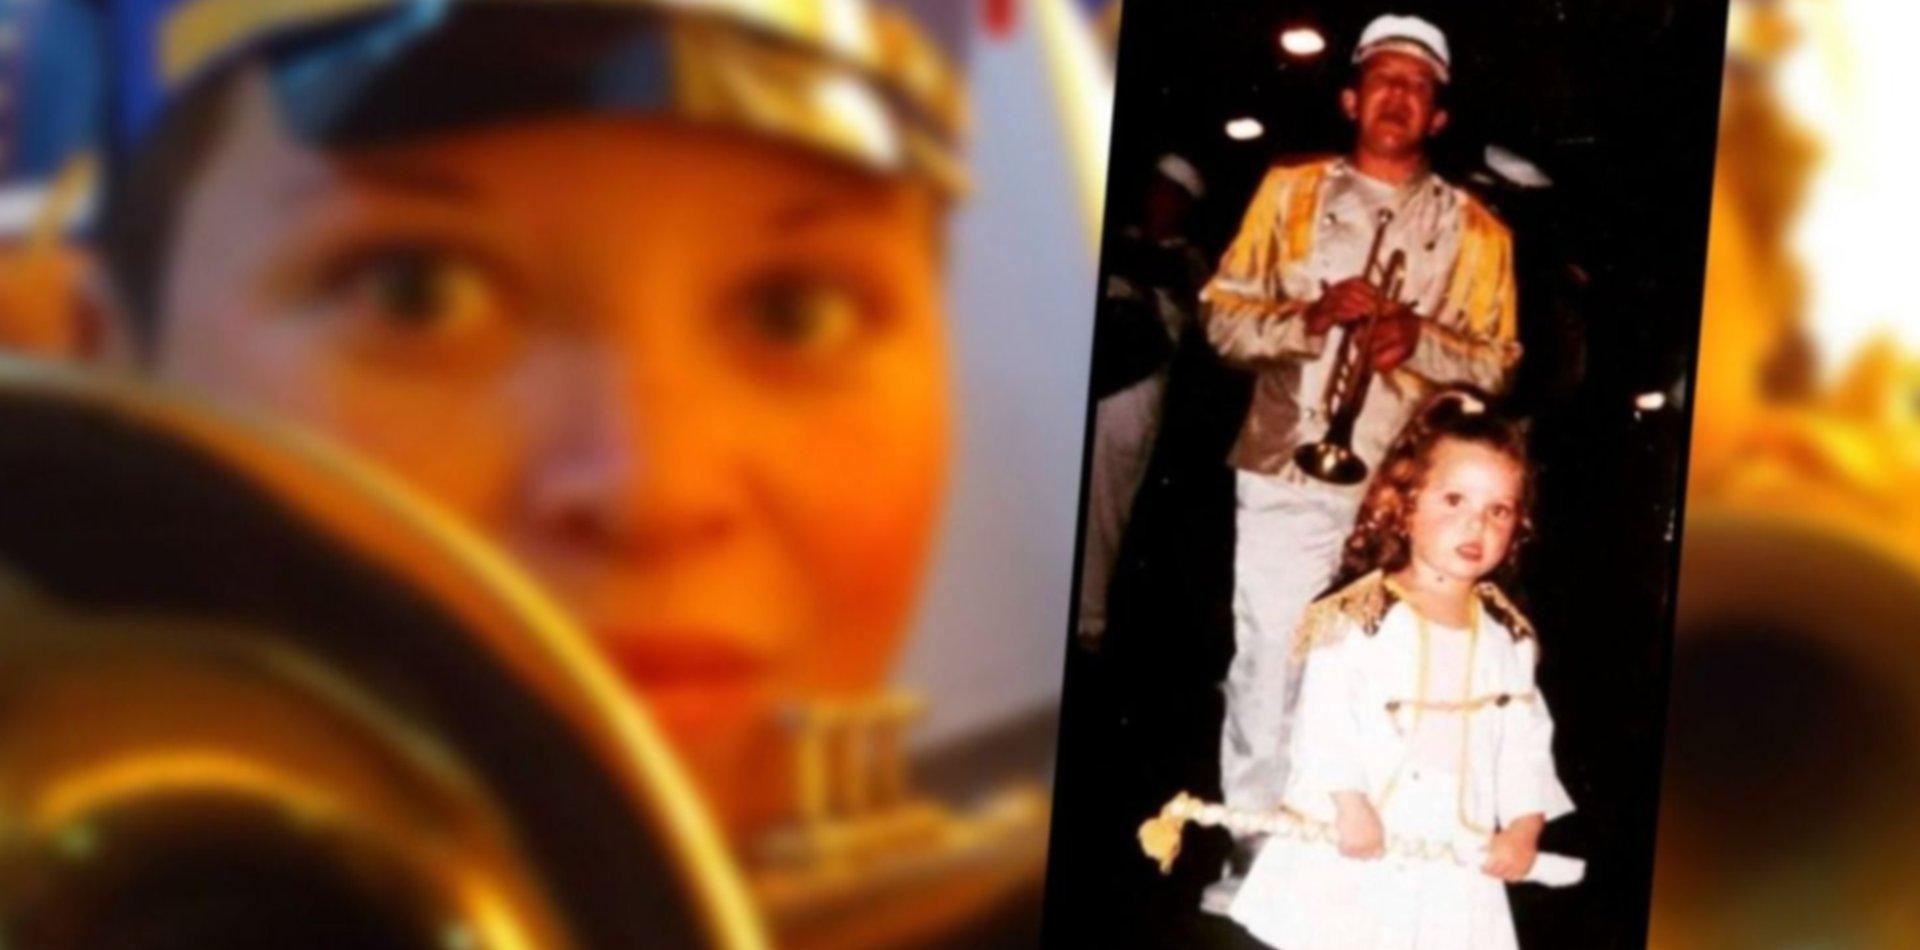 Murió el hombre que estaba internado por COVID y su hija tocaba canciones para animarlo